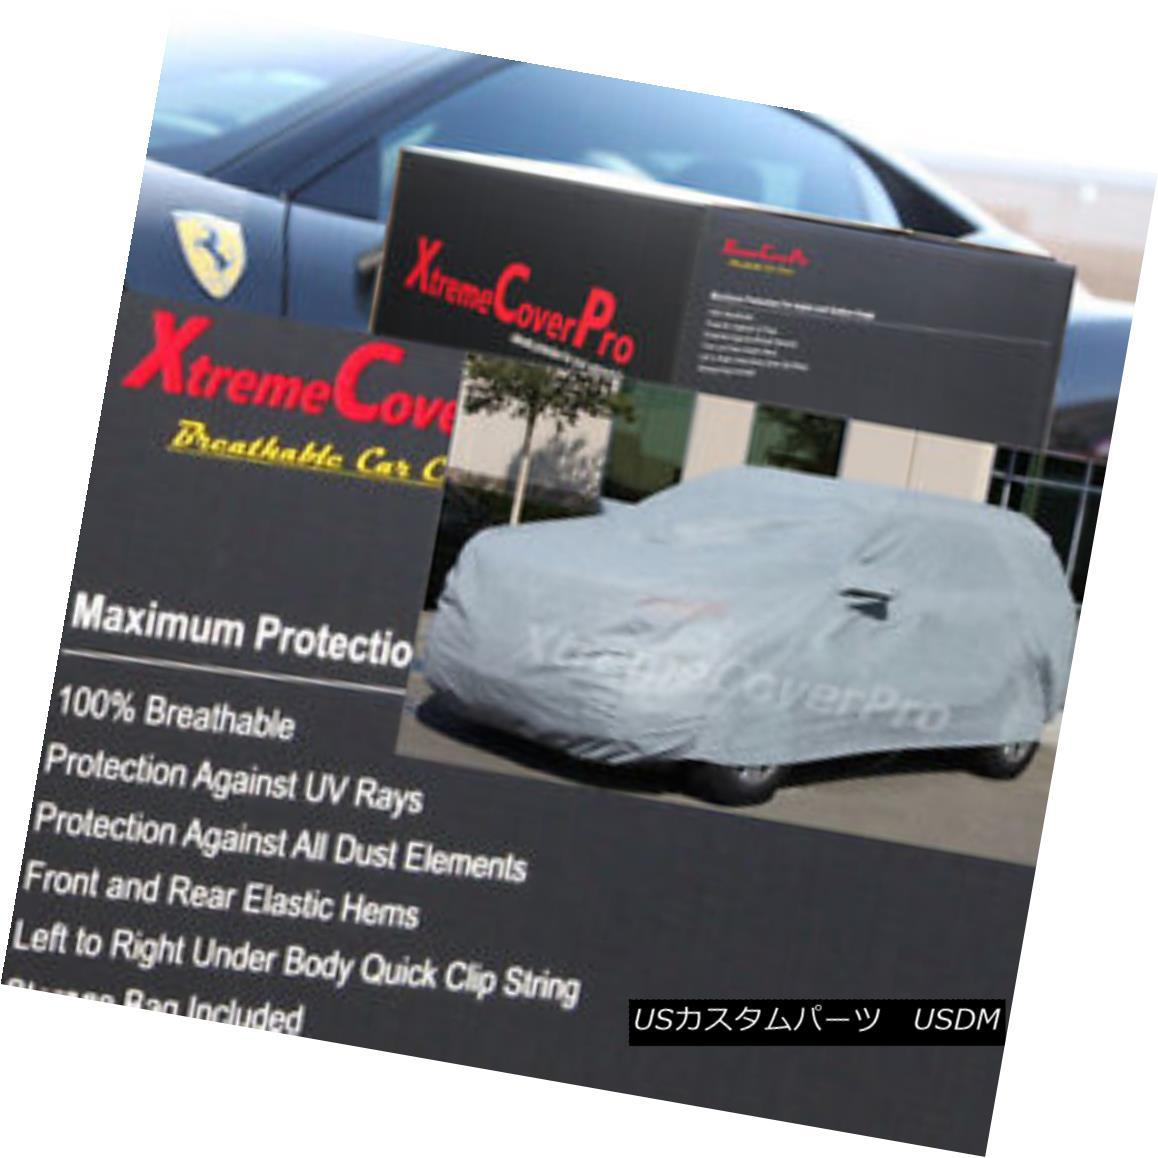 カーカバー 2014 CHRYSLER TOWN & COUNTRY Breathable Car Cover w/ Mirror Pocket 2014 CHRYSLER TOWN& COUNTRY通気性のある車カバー(ミラーポケット付)